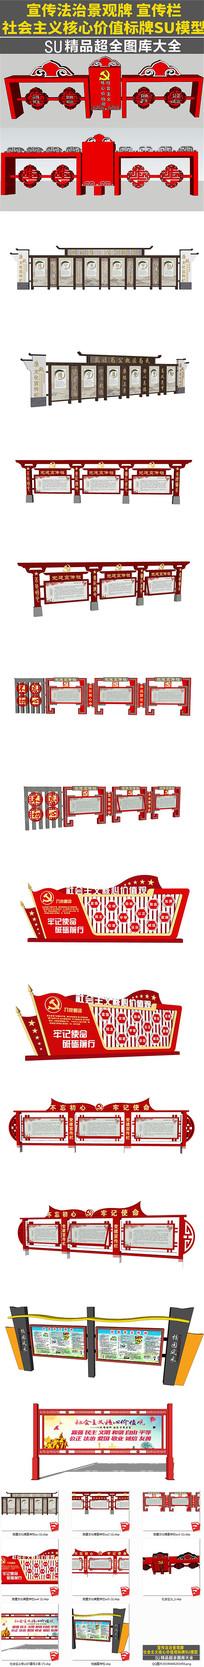 党建文化墙宣传栏su图集